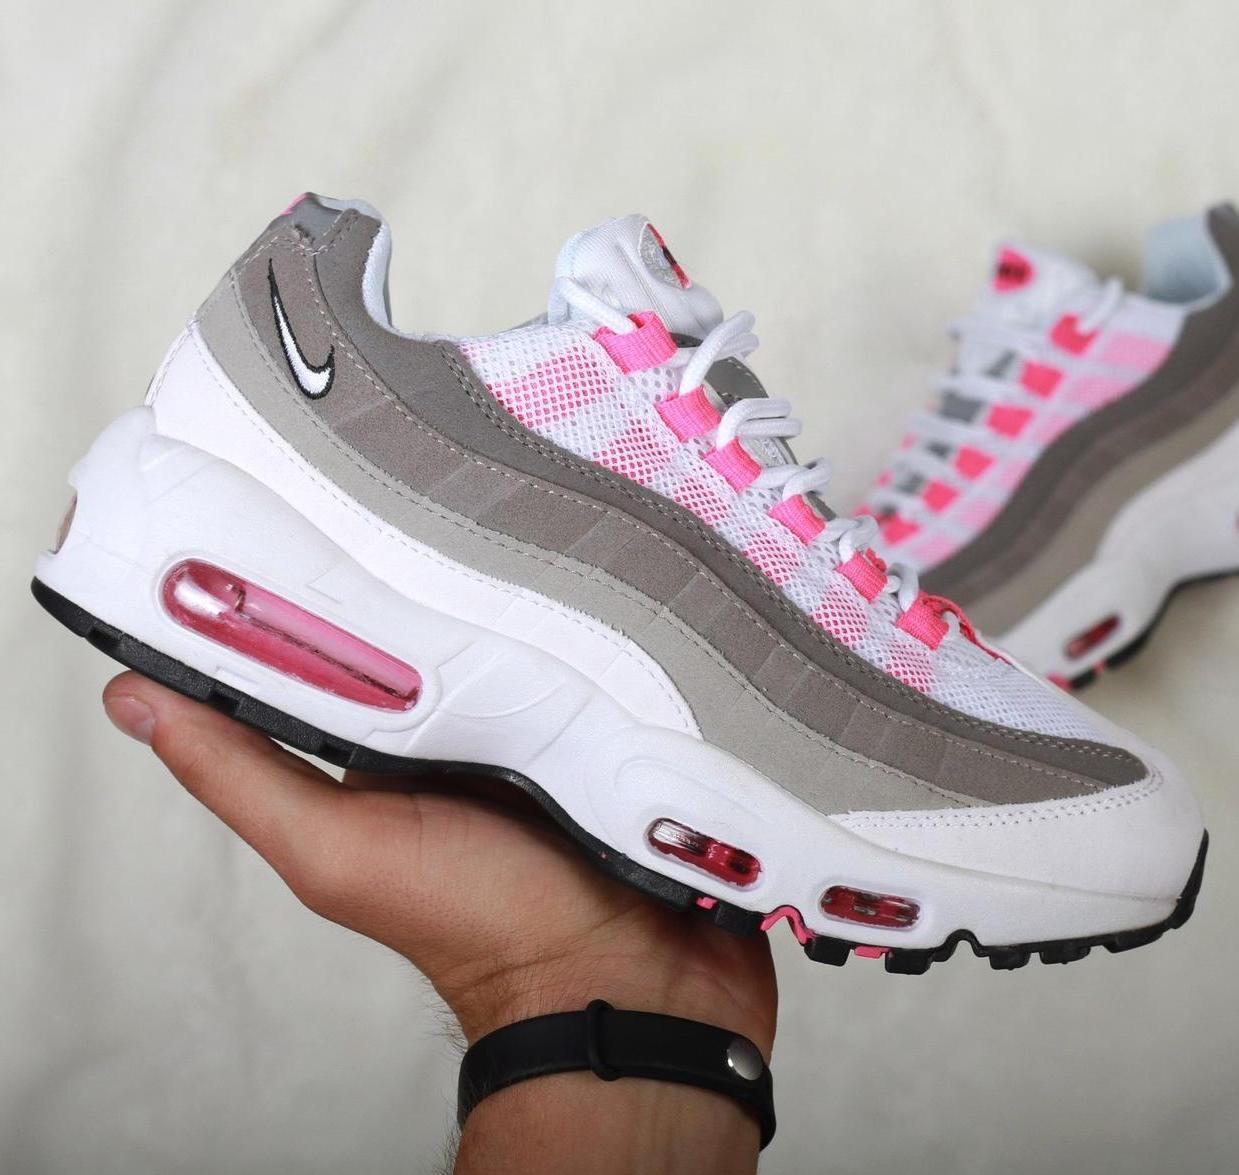 9cba7a72 Женские кроссовки Nike Air Max 95 Violet Grey/Pink/White: купить в ...